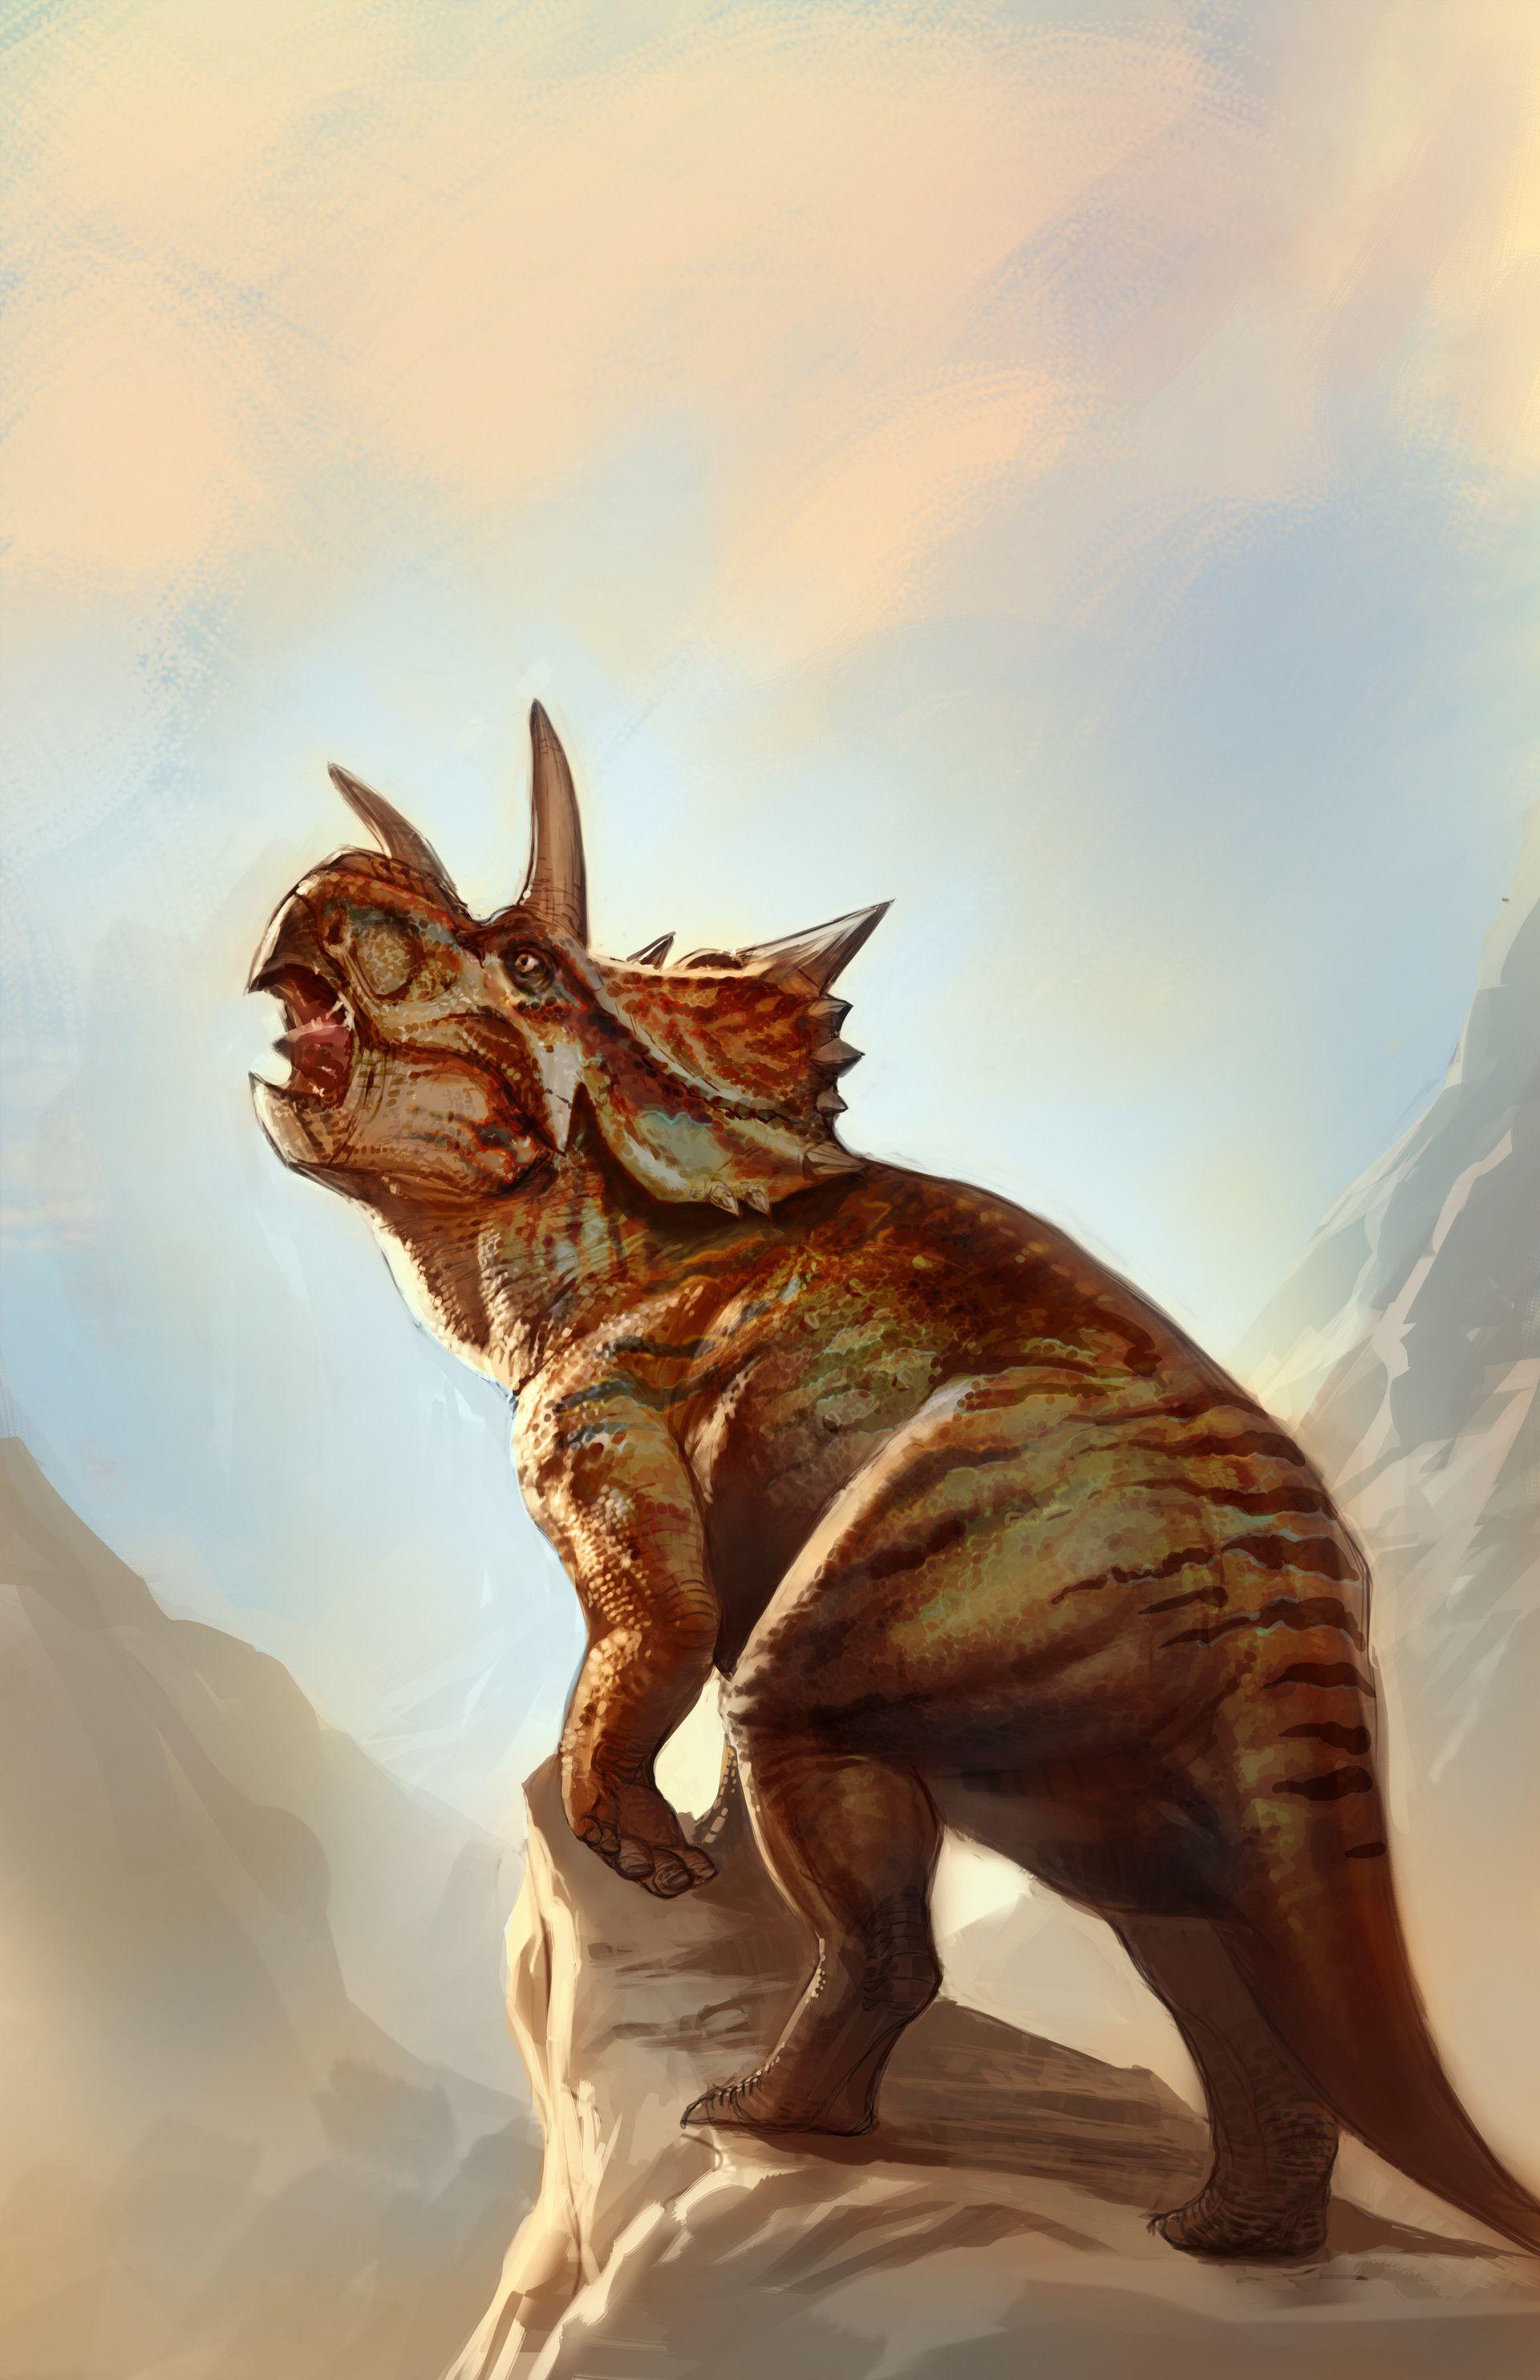 Artstation Xenoceratops Beasts Of The Mesozoic Jax Jocson Dinosaur Pictures Dinosaur Illustration Prehistoric Animals El asombroso mundo de los dinosaurios esconde un sinfín de llamativas especies, adaptaciones biológicas y también el desarrollo de diferentes grupos según sus estrategias de alimentación. beasts of the mesozoic jax jocson